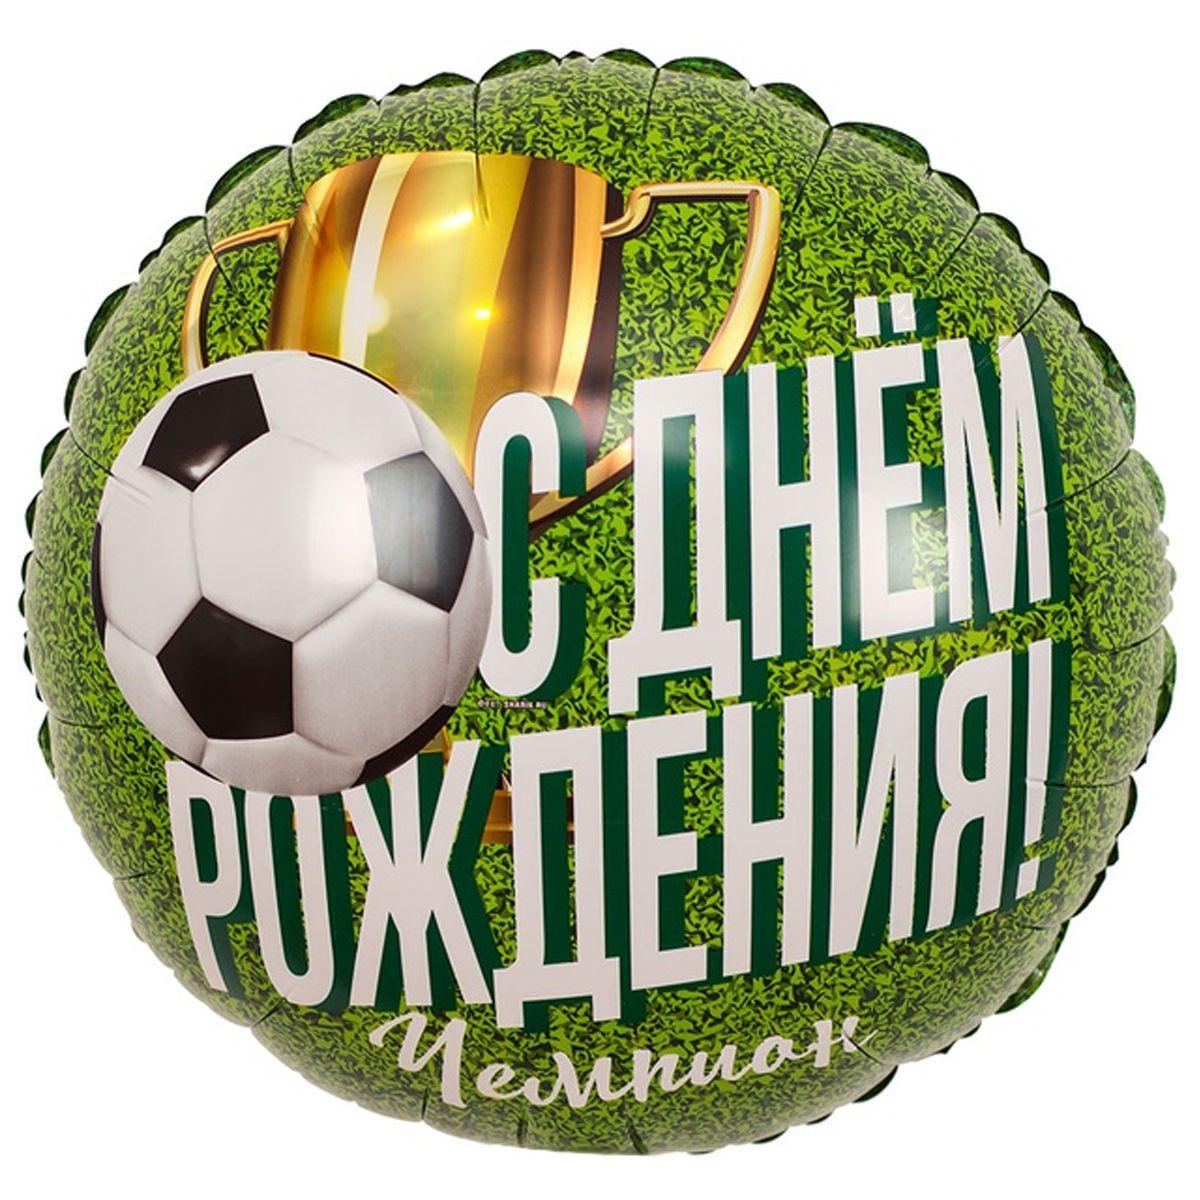 Поздравления футболисту с 50 летием